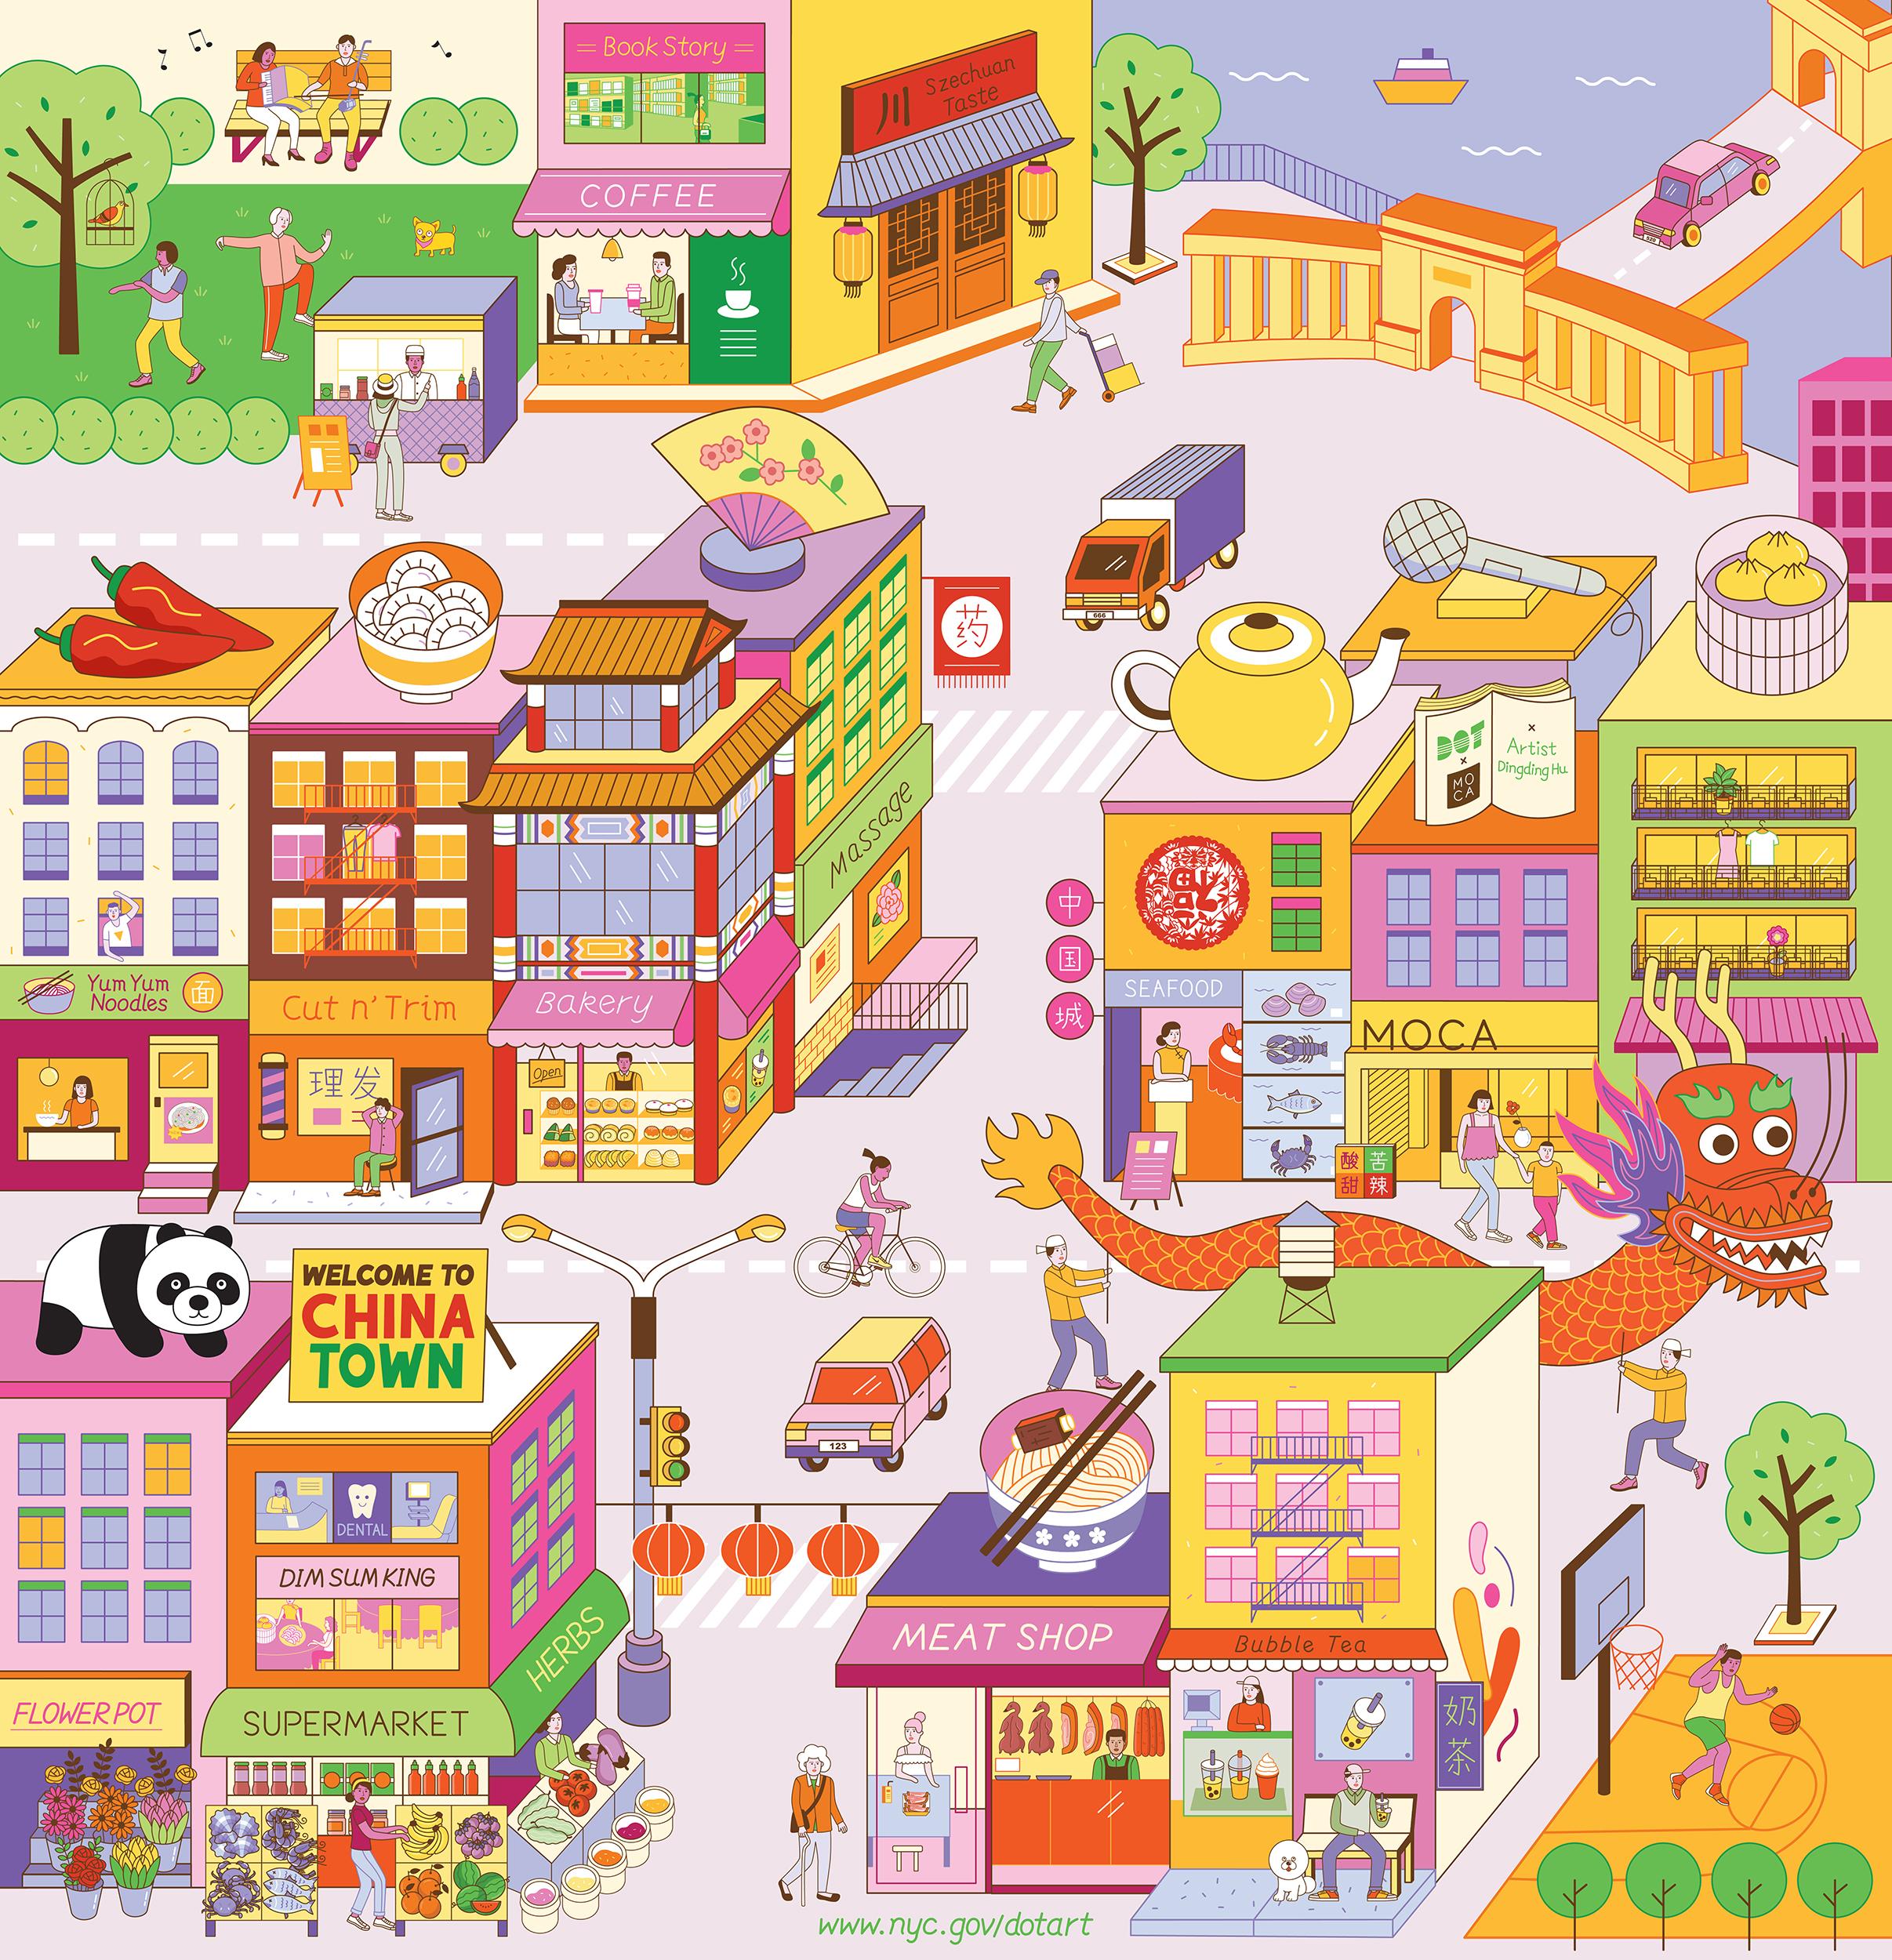 Chinatown_Website_D_05.jpg